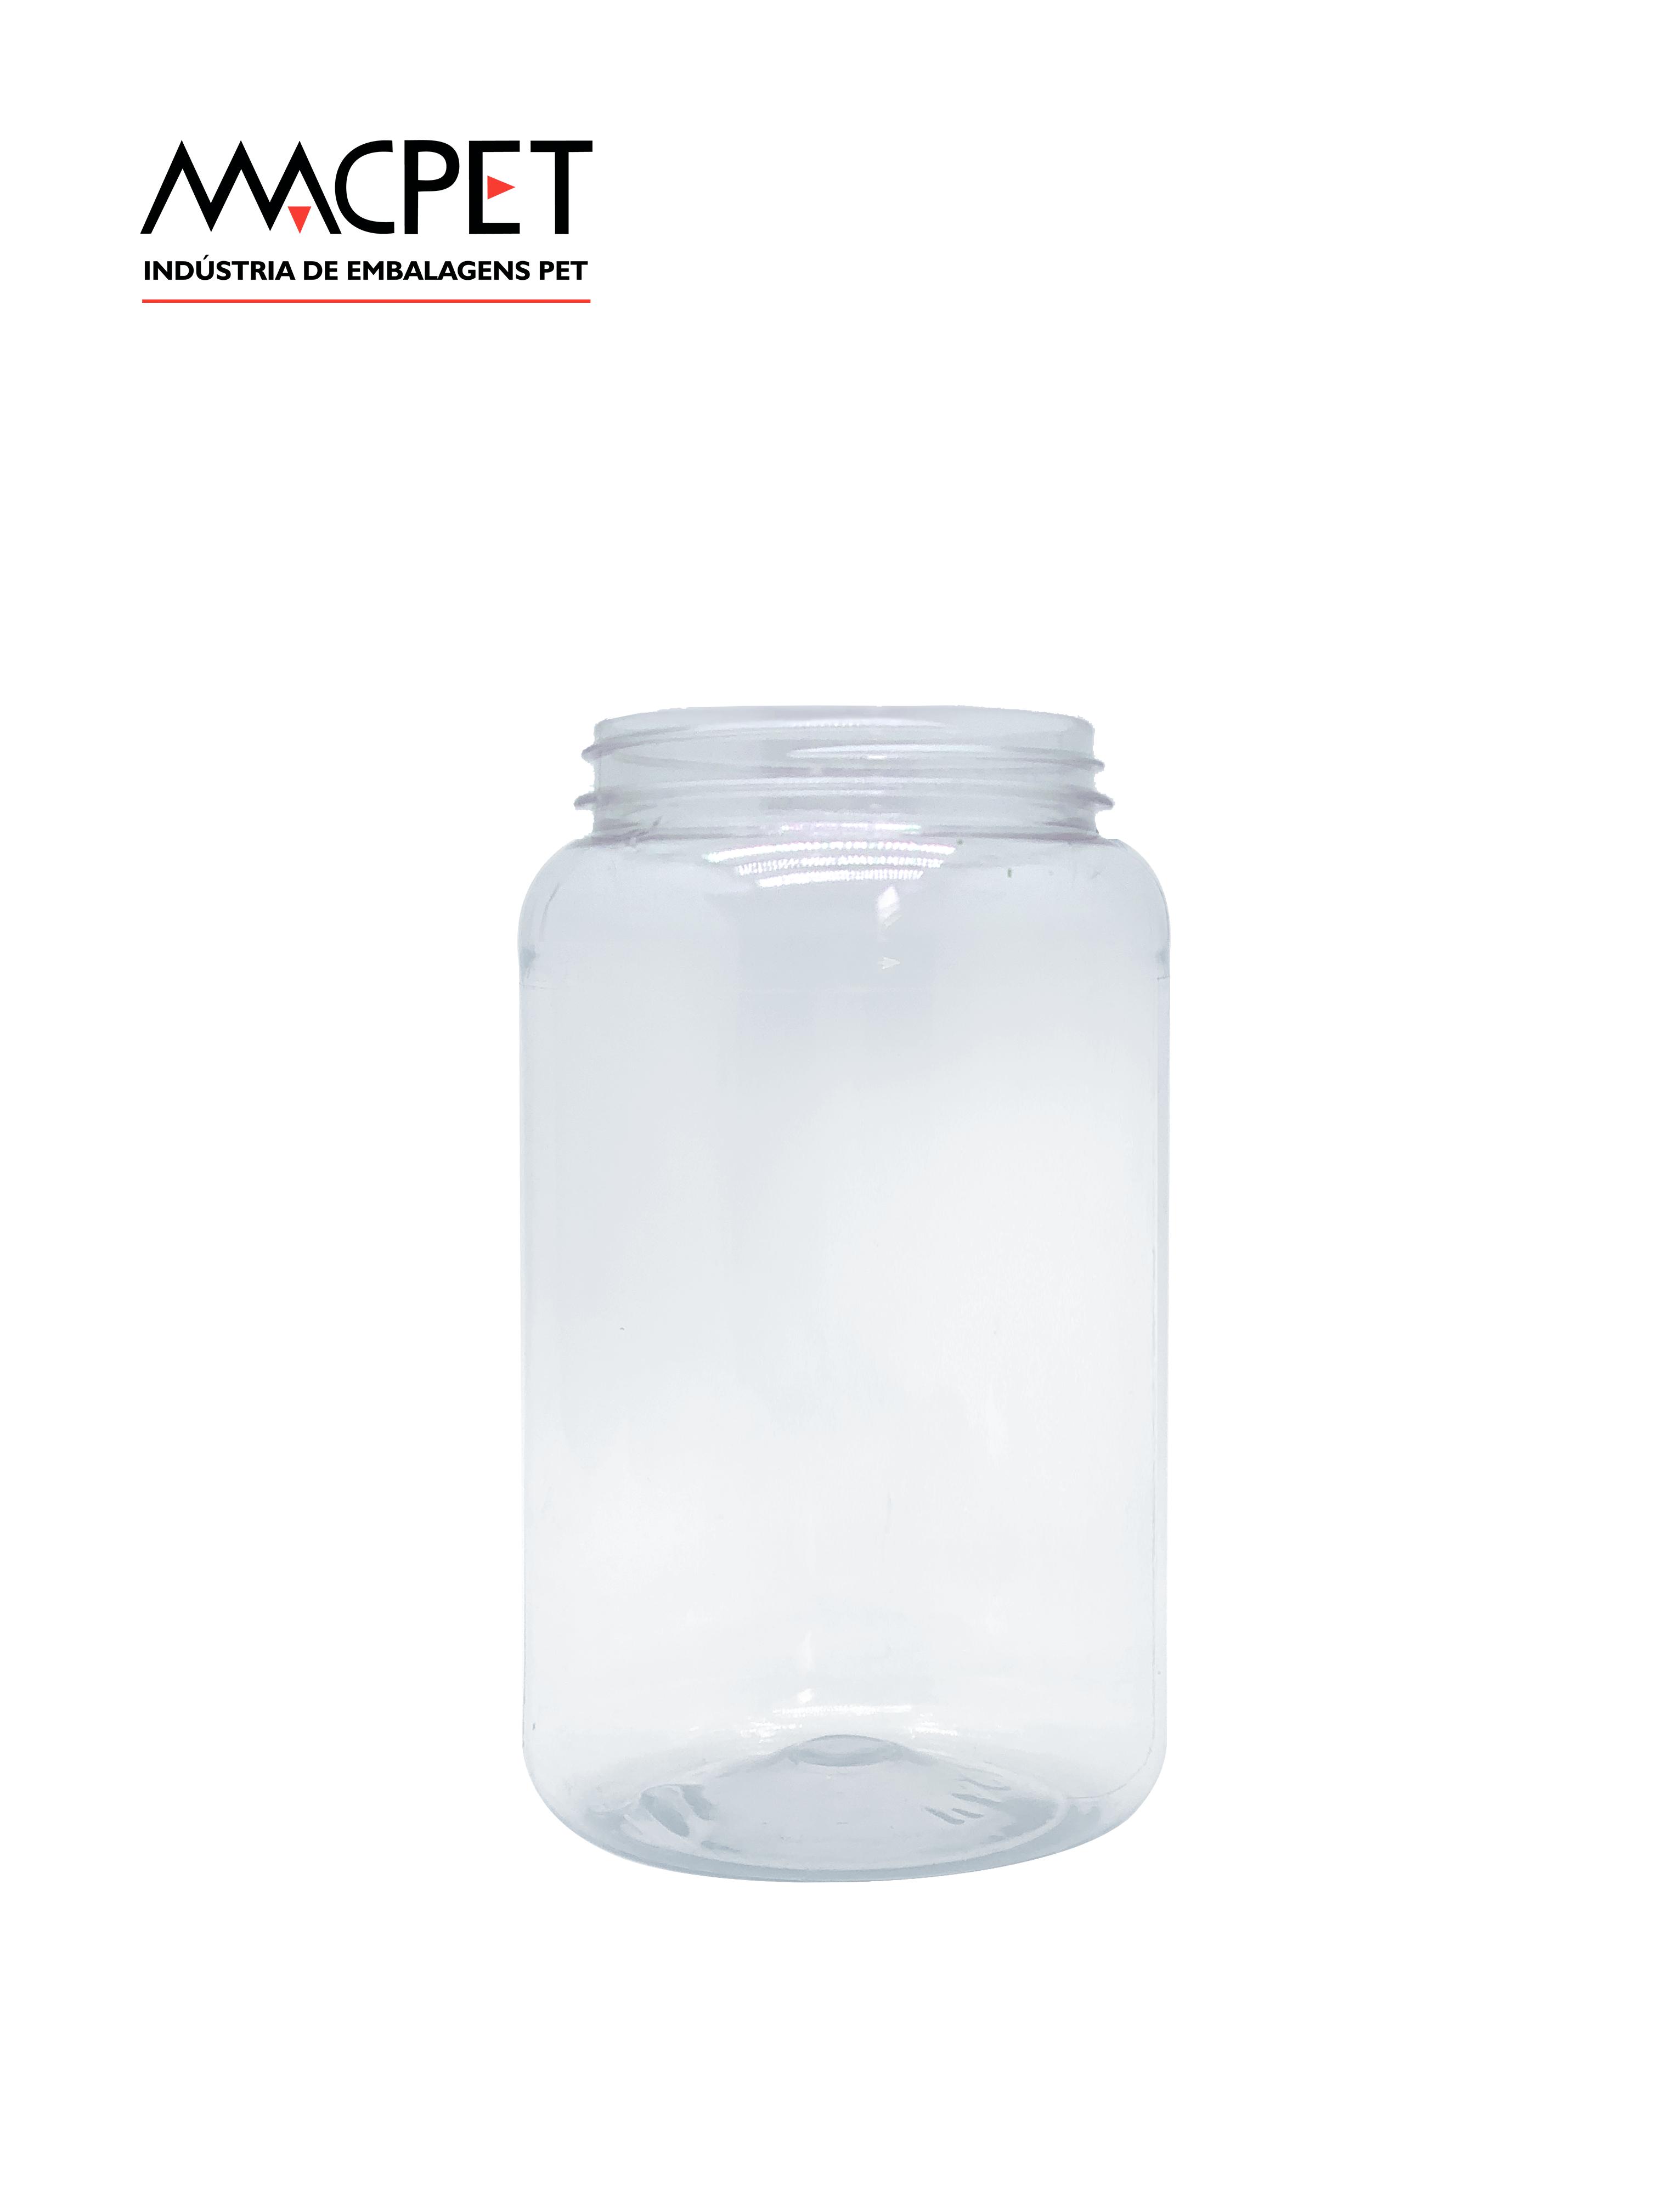 LINHA 07 – 500ml – Bocal 63mm – (F048B) – Embalagem pet Redonda para Potes